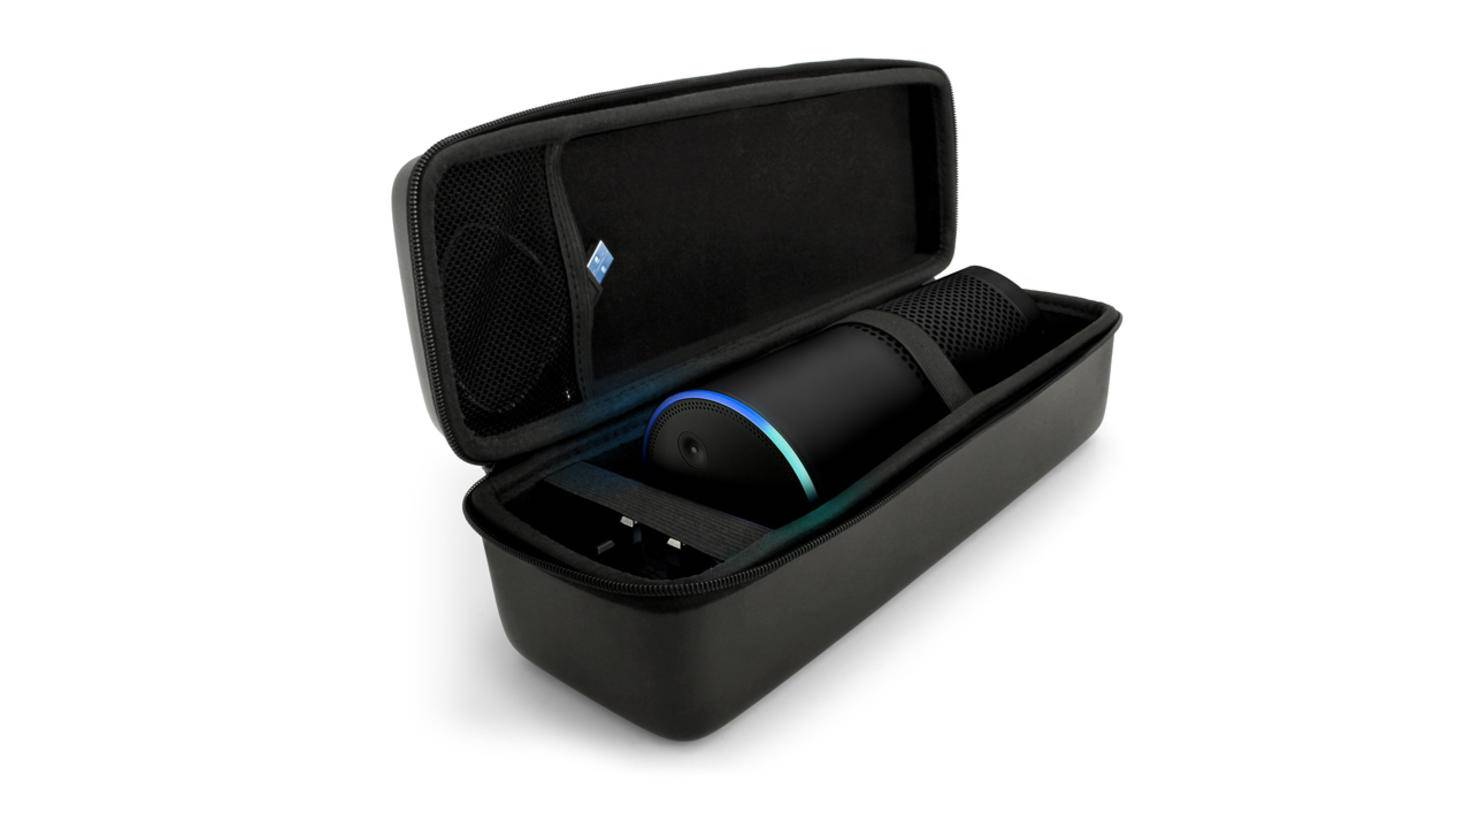 ... als auch für die größeren Alexa-Modelle Echo und Echo Plus.